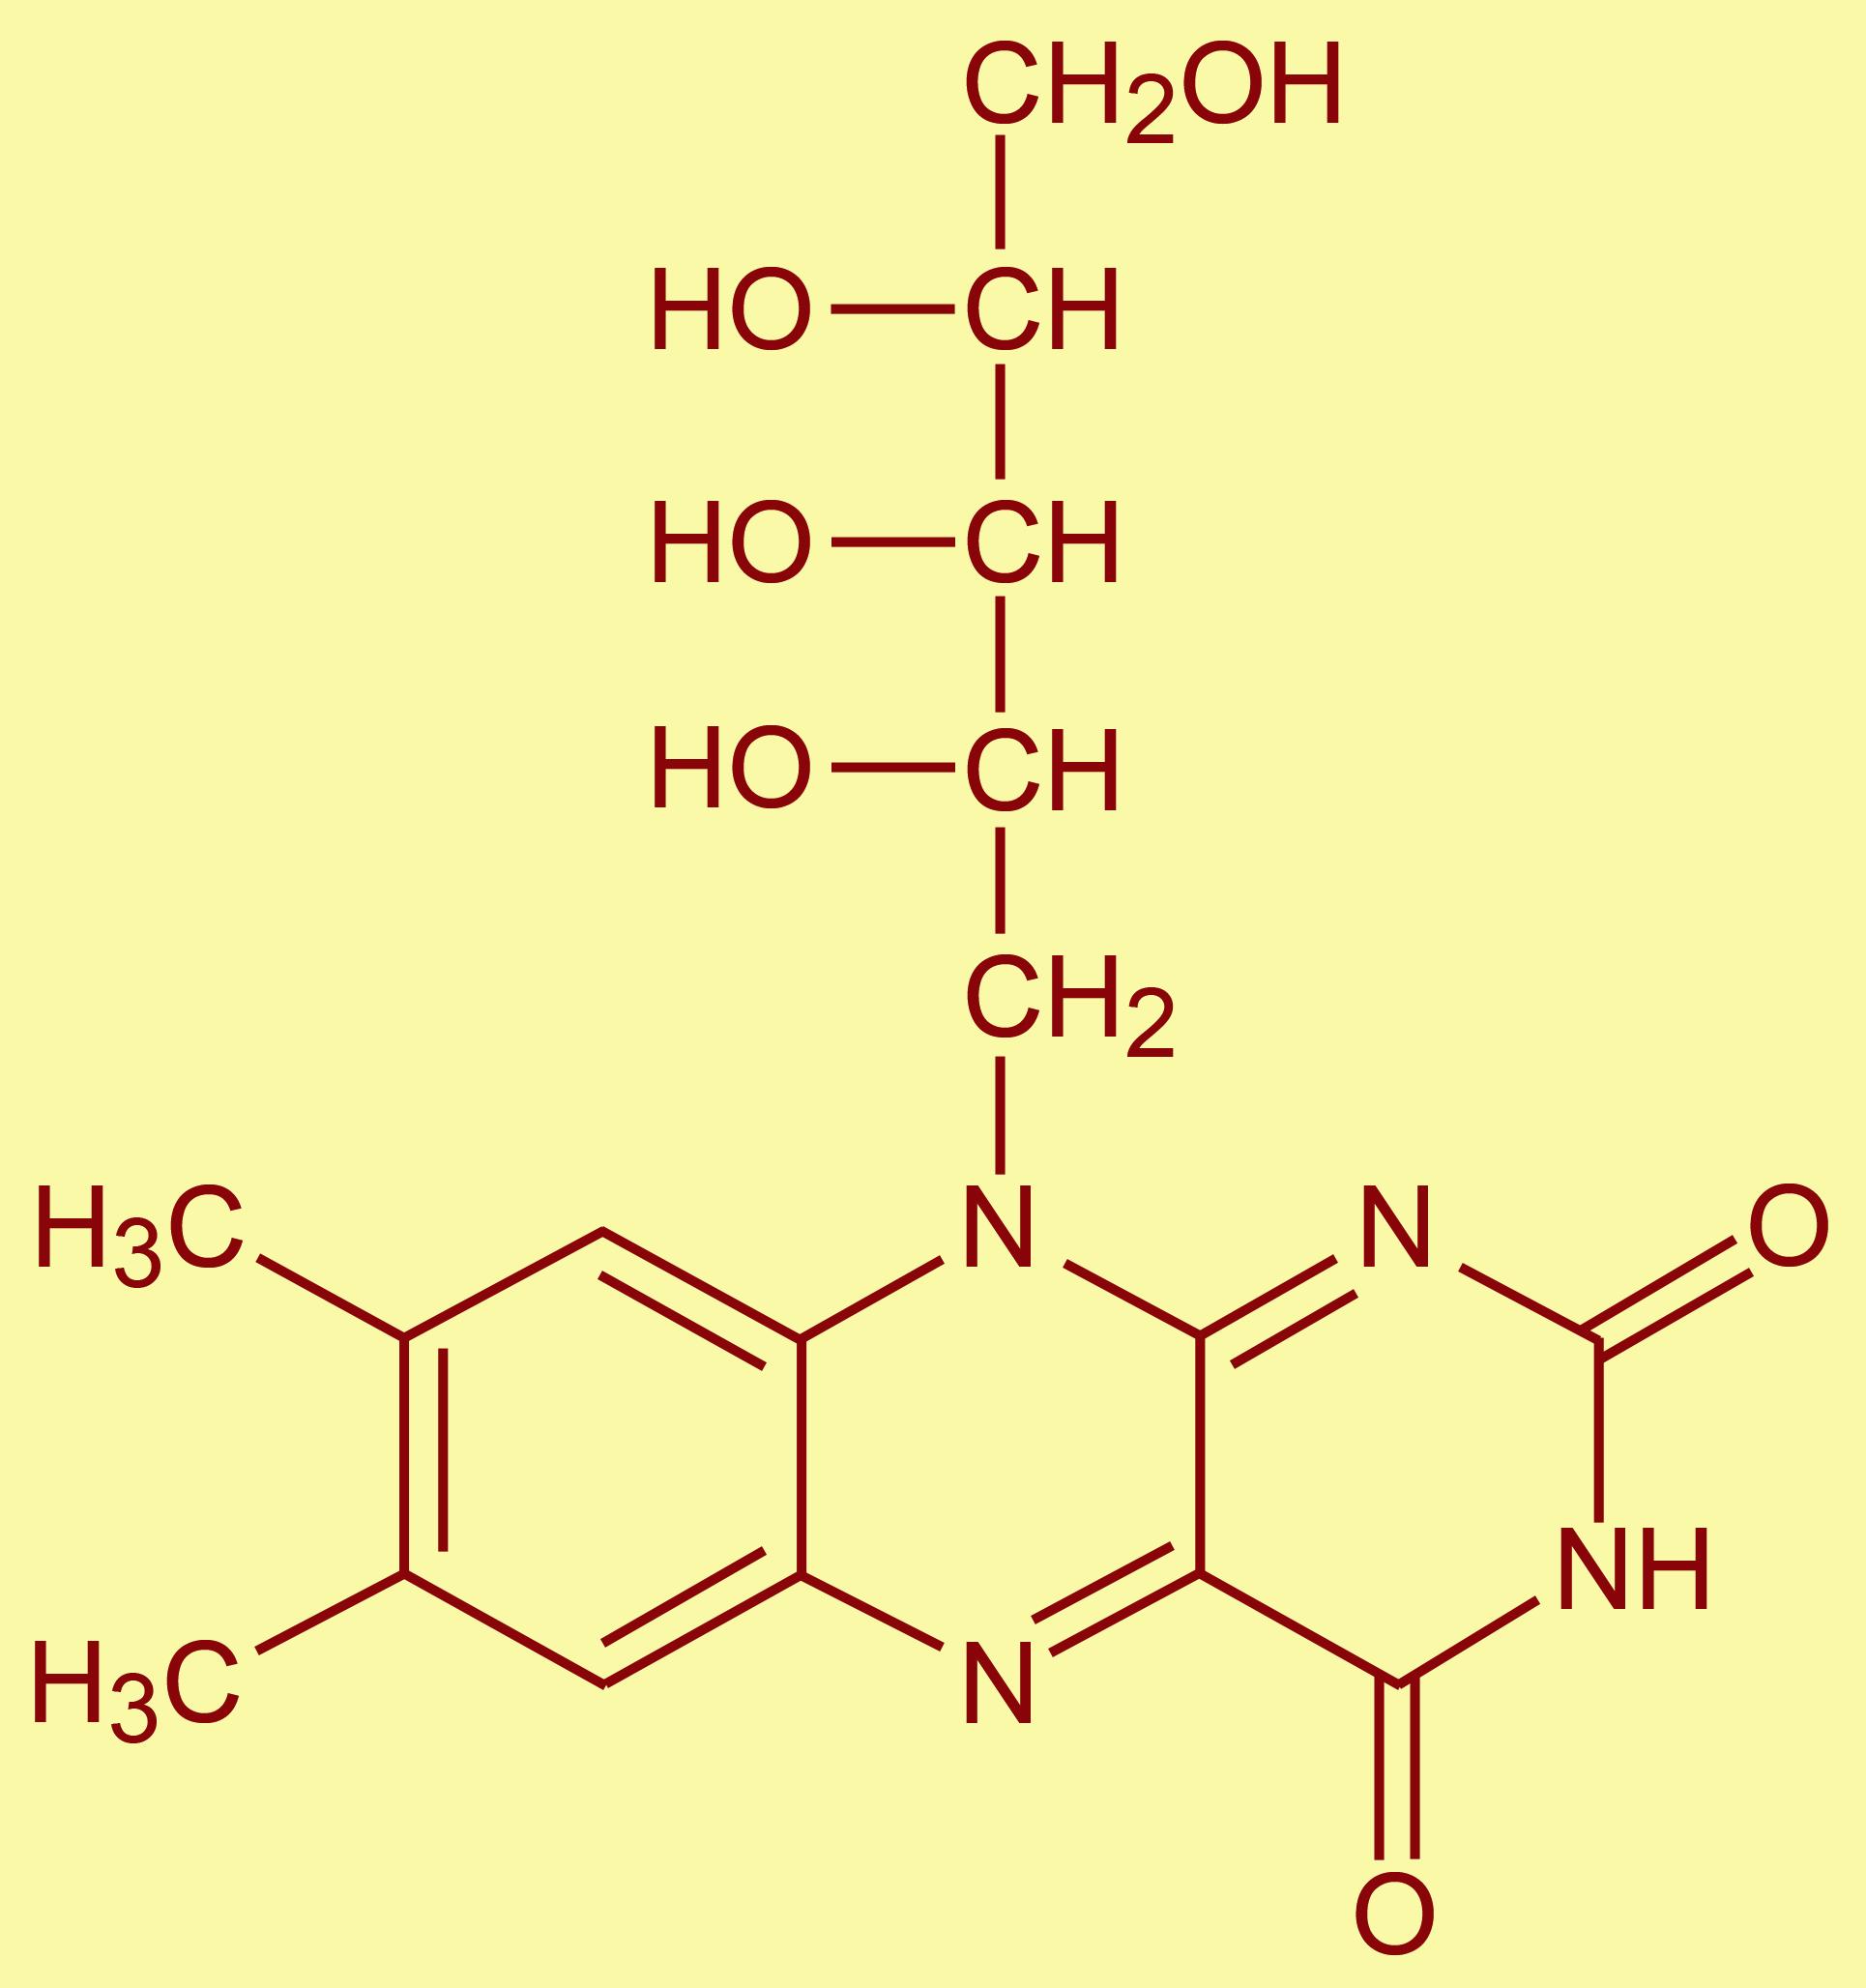 فيتامين ب2 (B2) الريبوفلافين RIBOFLAVIN